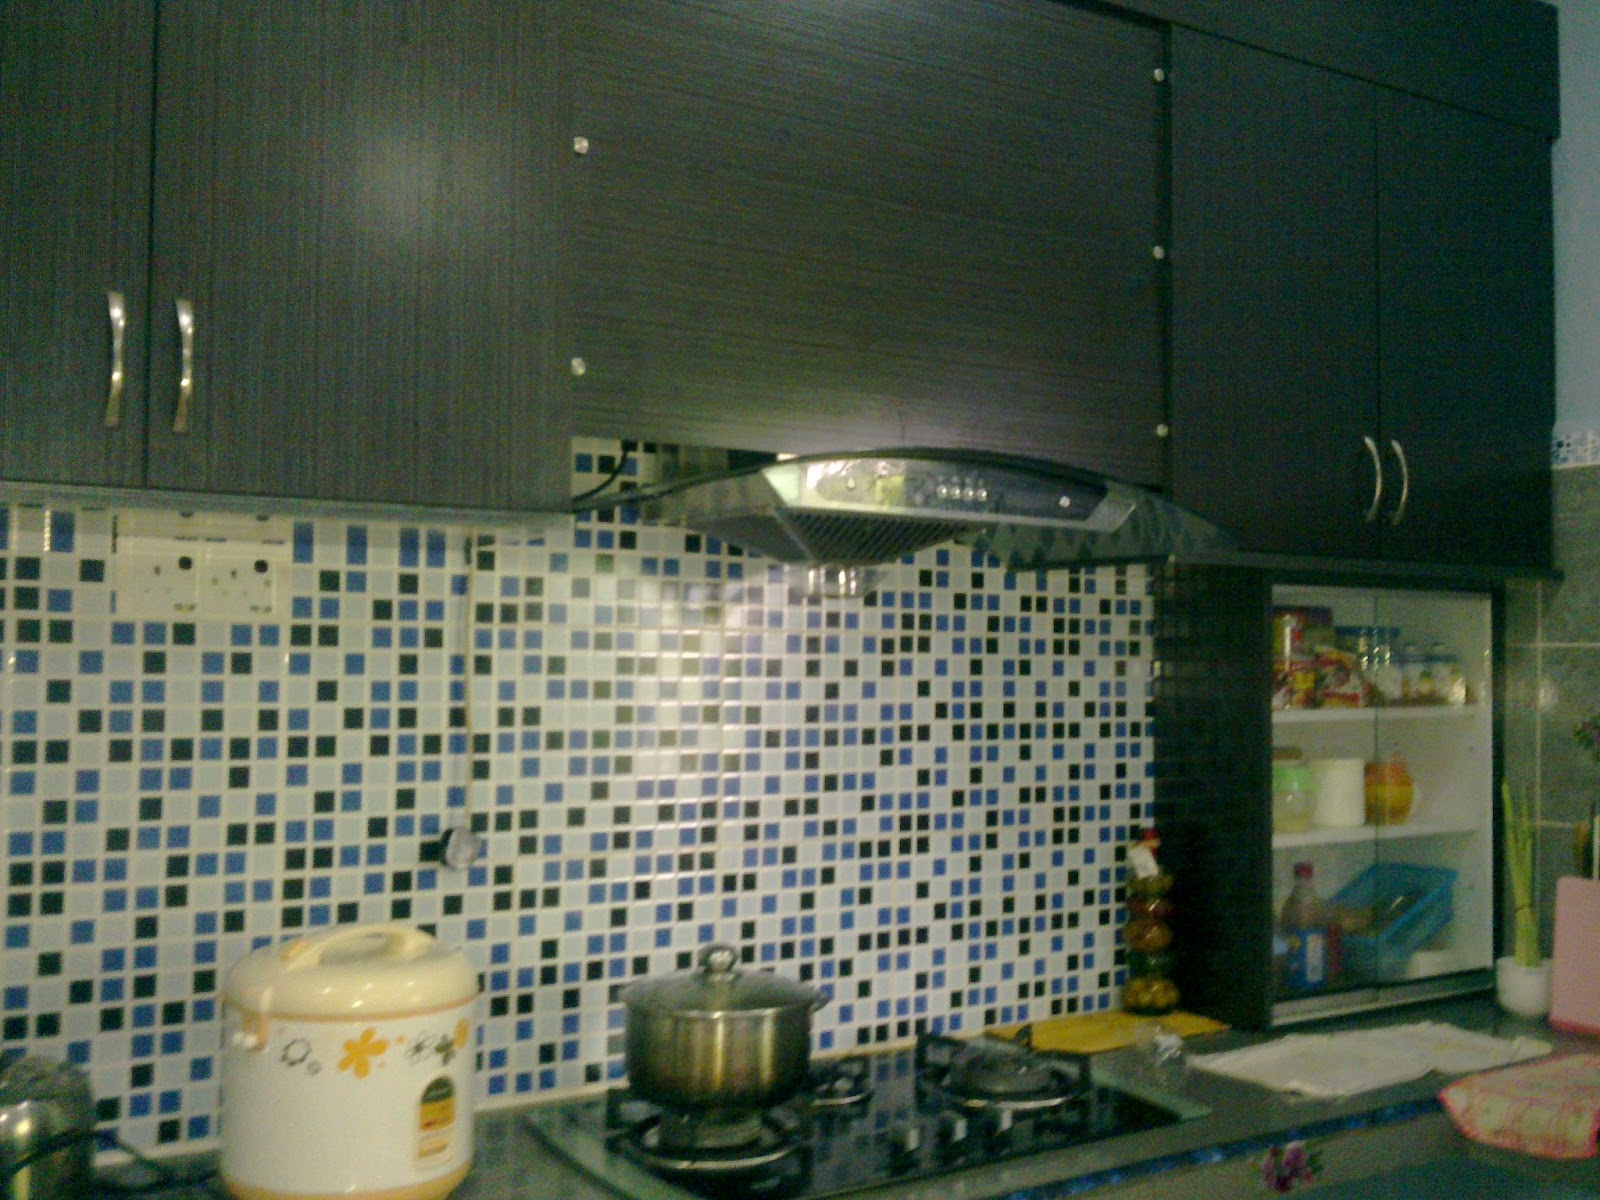 Ni Lah Dapur Kesayangan Aku Tempat Masak Dan Cuba Resepi2 Baru Ada Satu Lagi Benda Di Namanya Marble Putih Sana